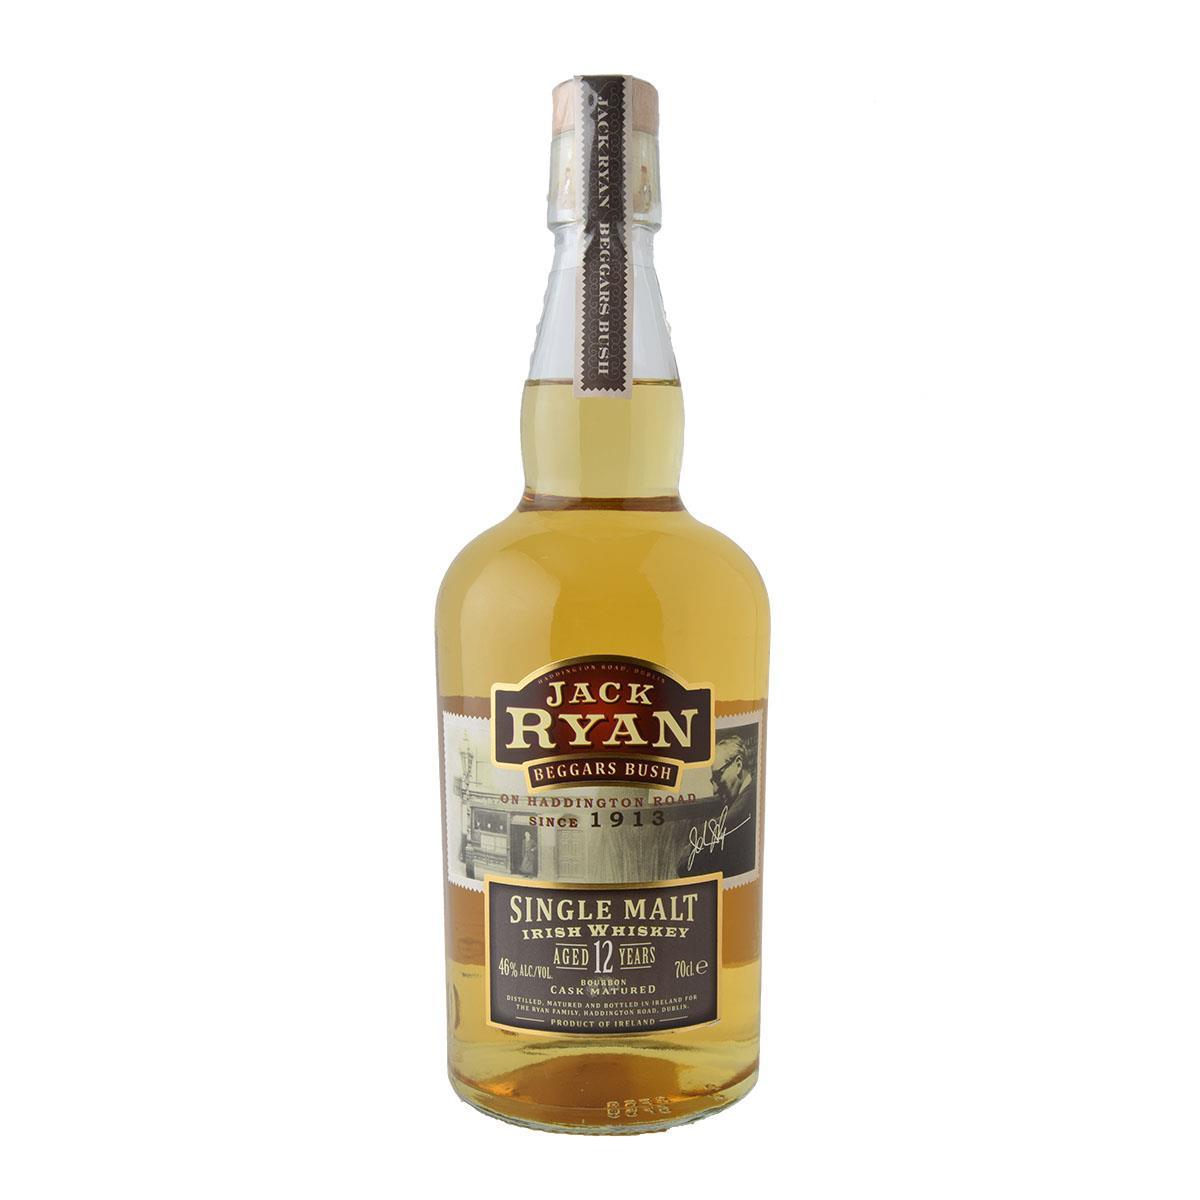 Jack Ryan 12 y.o. 700ml